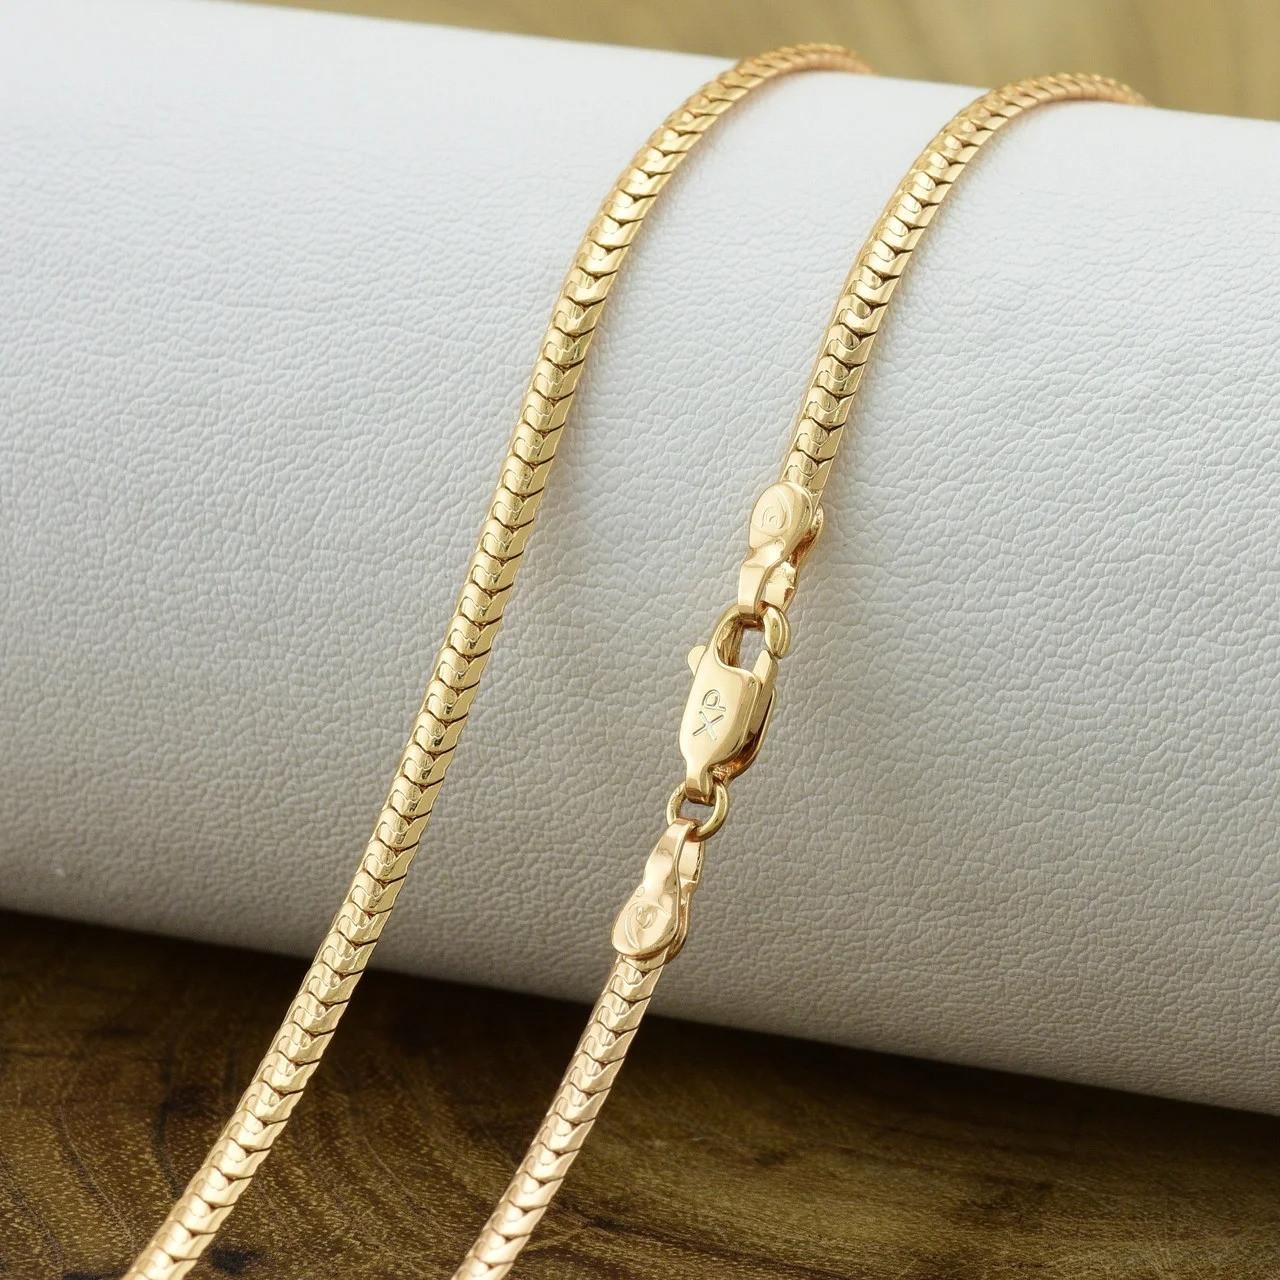 Цепочка Xuping позолоченная красивое плетение ширина 3 мм